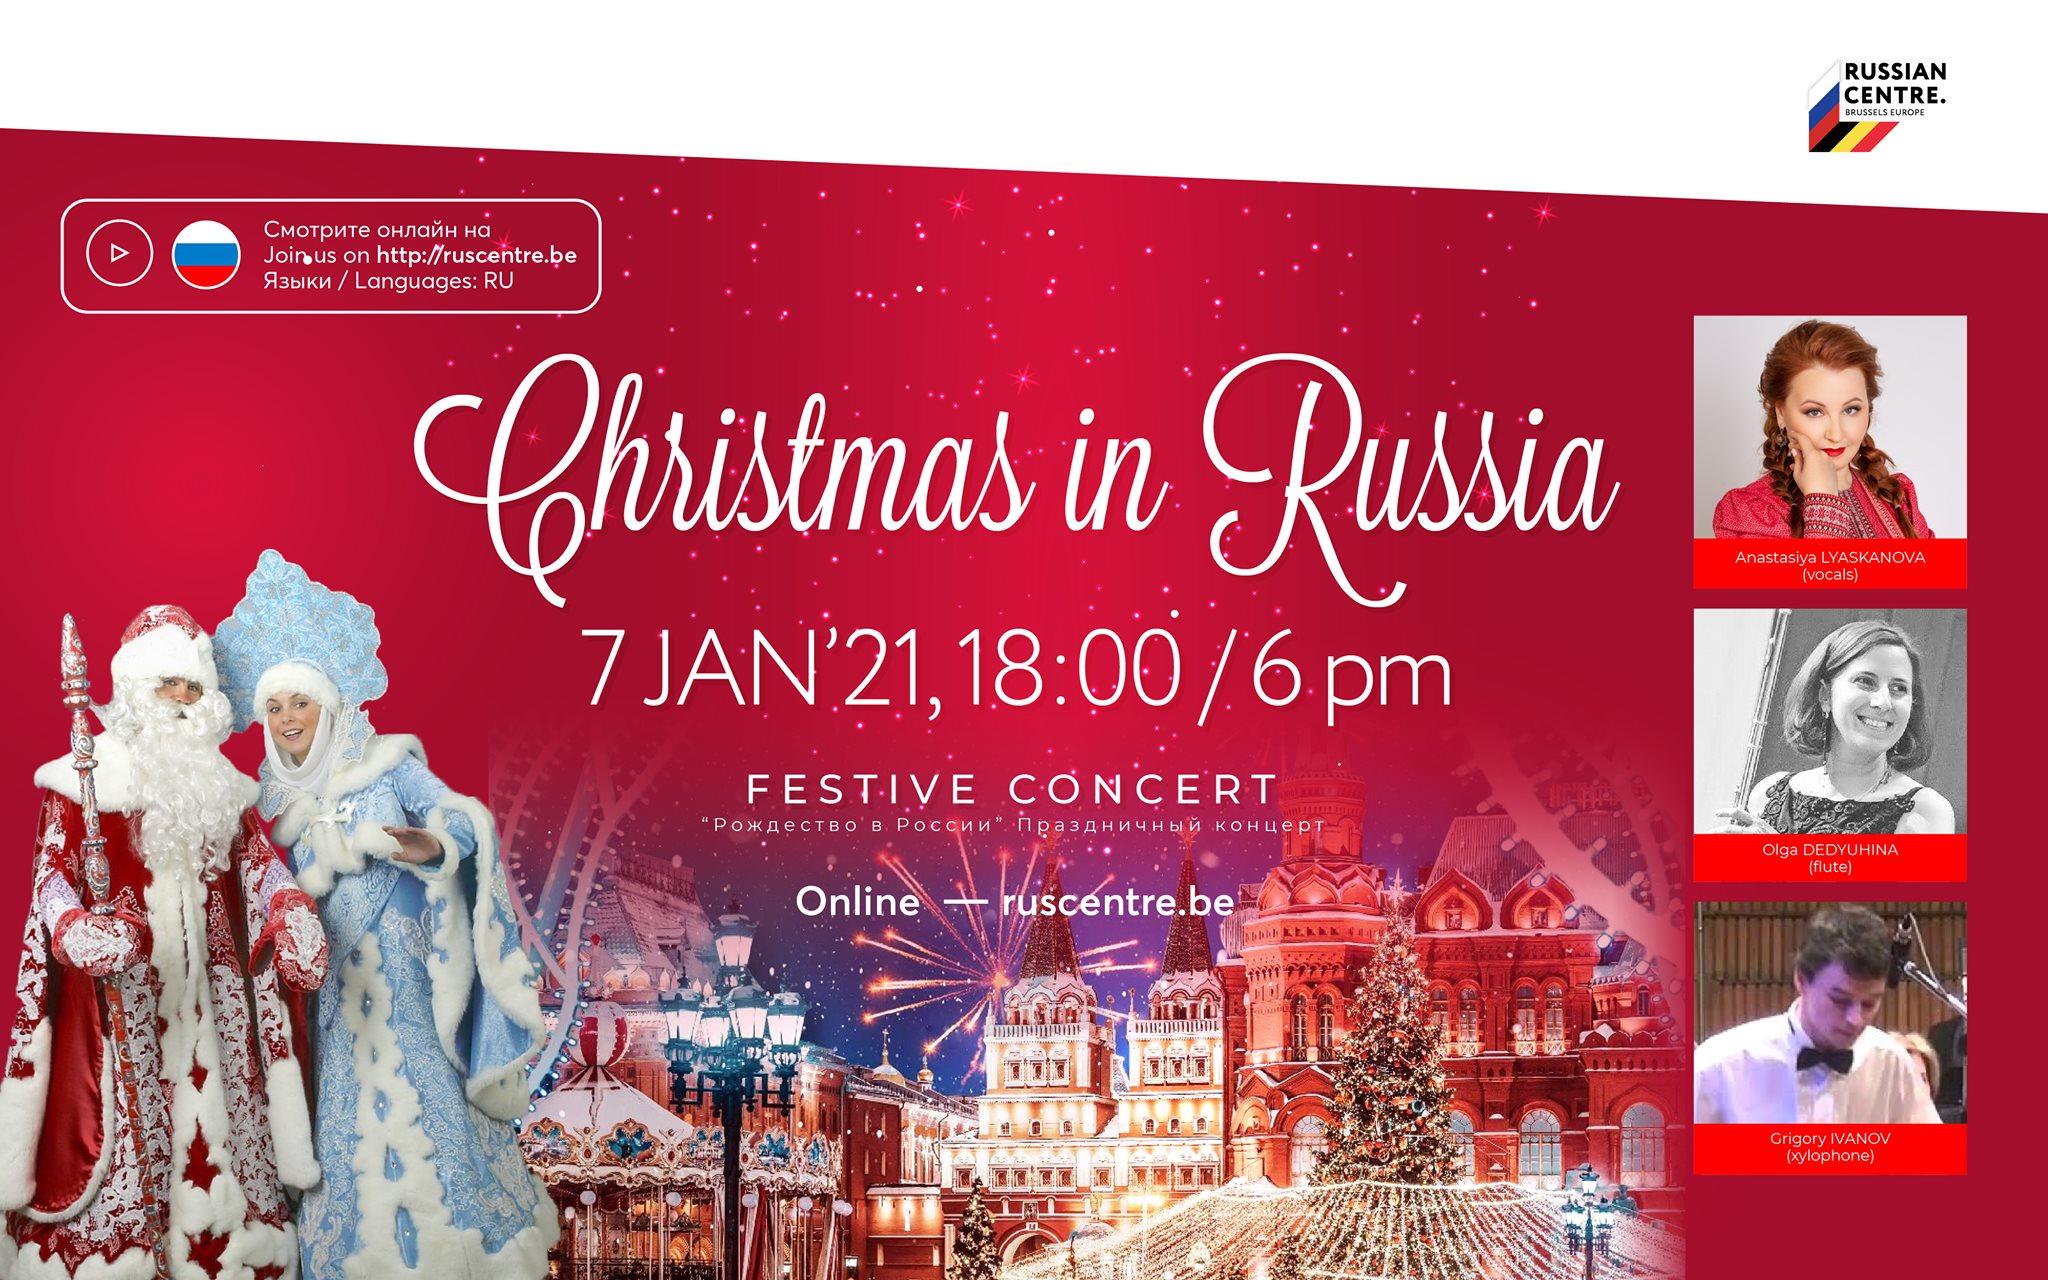 7 Января – Музыкальное поздравление с Рождеством Христовым из России